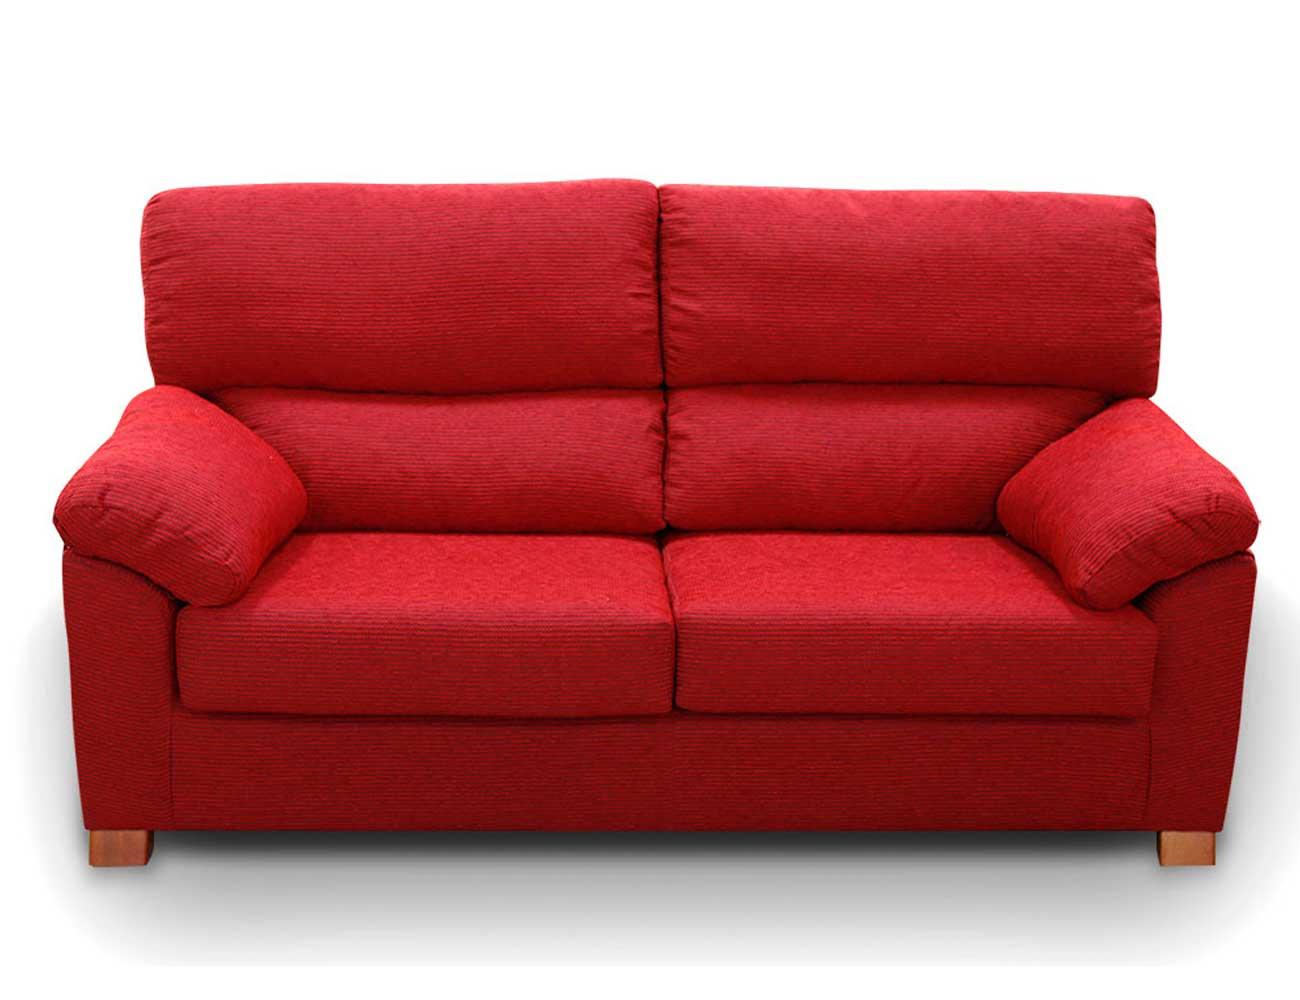 Sofa barato 3 plazas rojo17